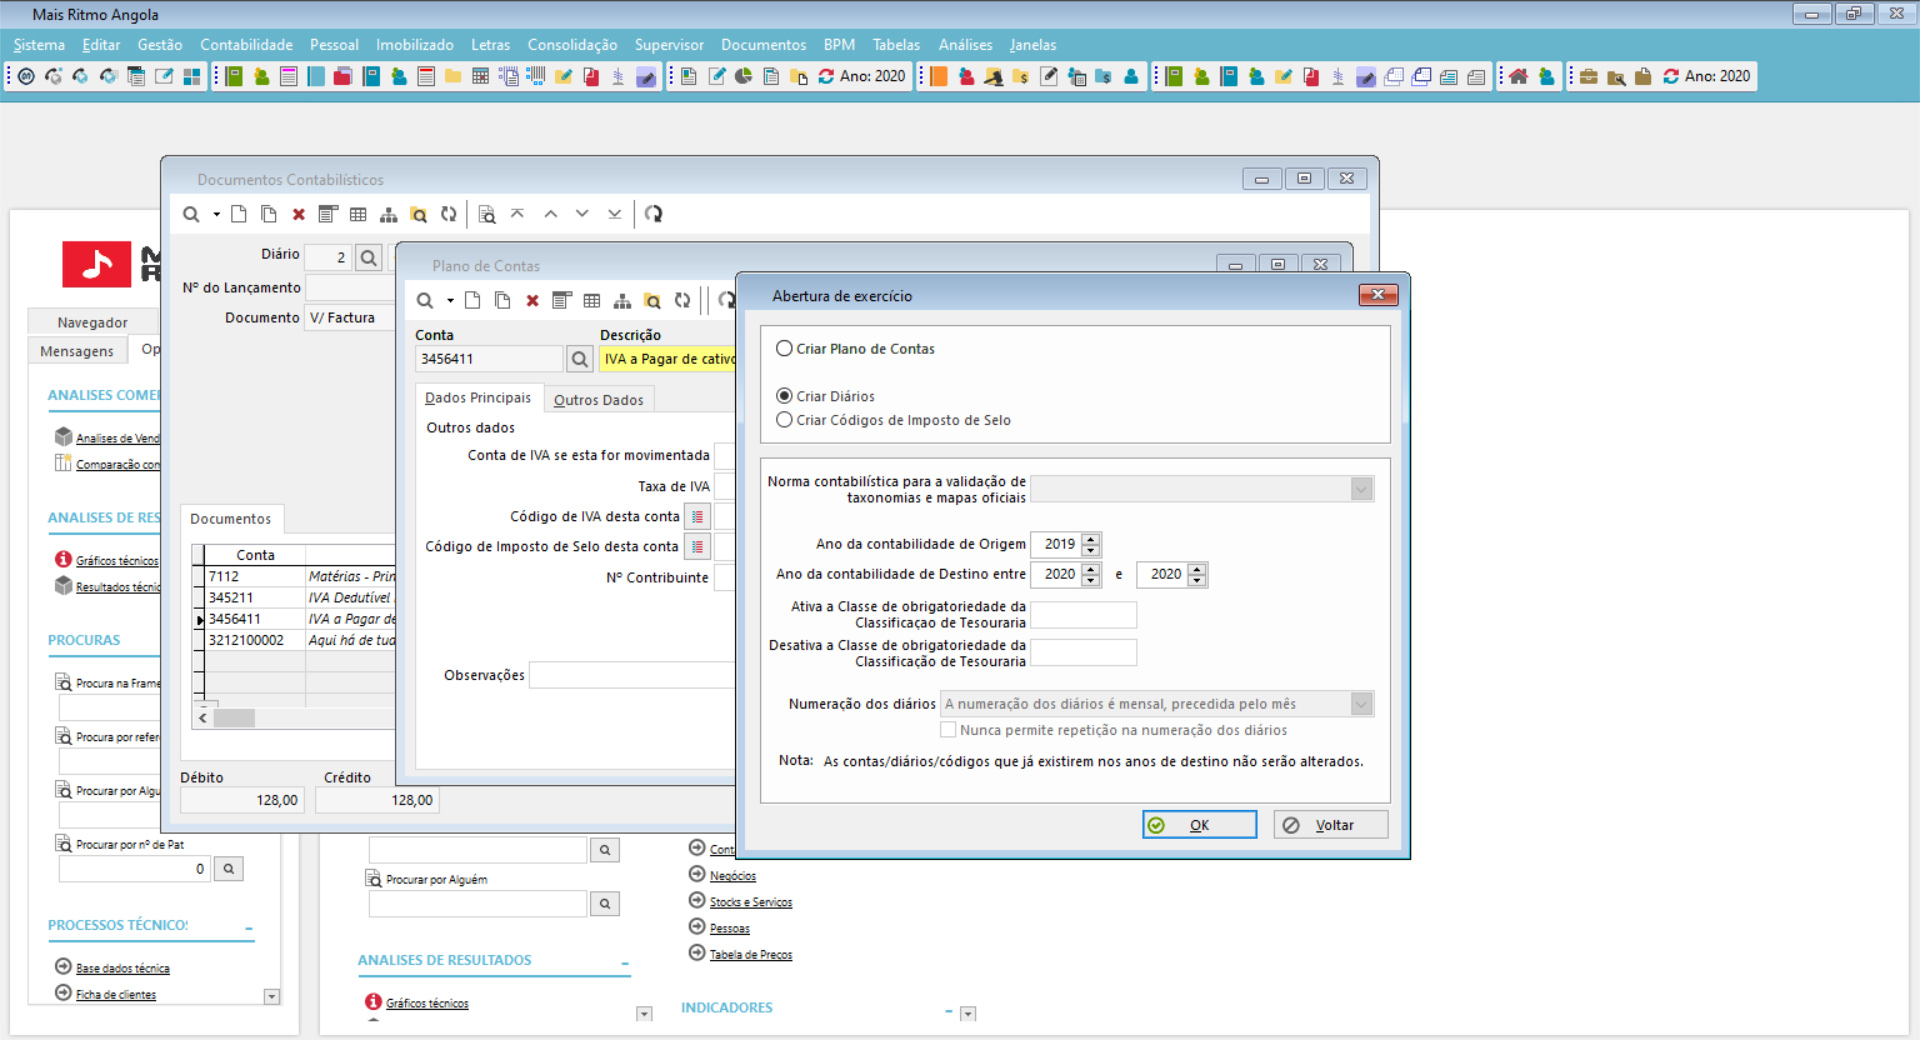 Funcionalidades gerais de contabilidade do software de gestão financeira